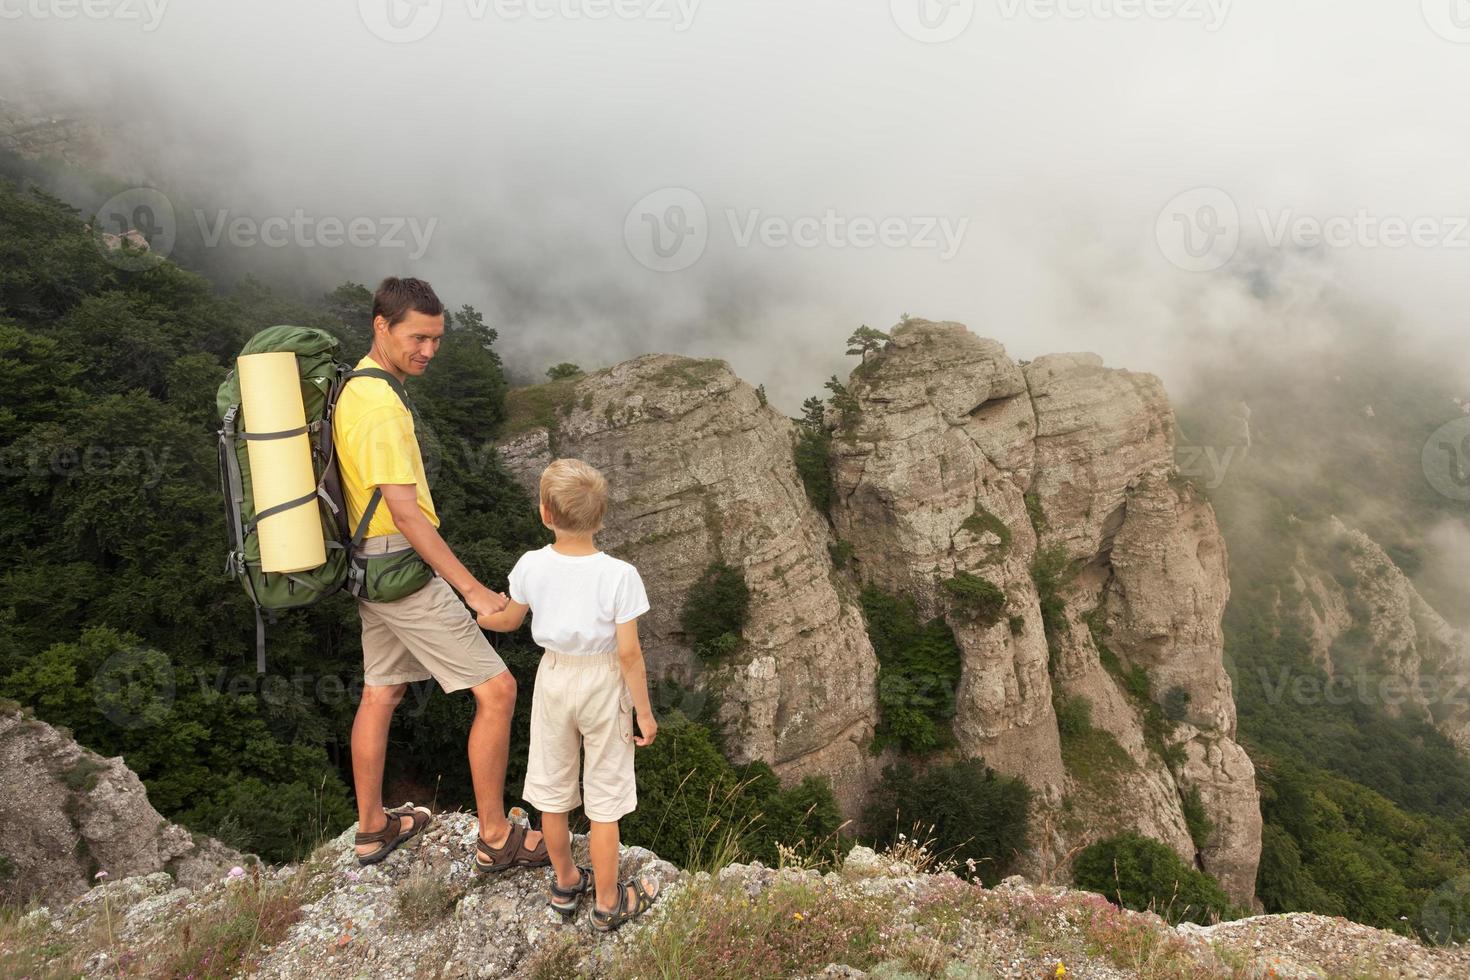 zaino in spalla con figlio piccolo tra le montagne nebbiose. foto